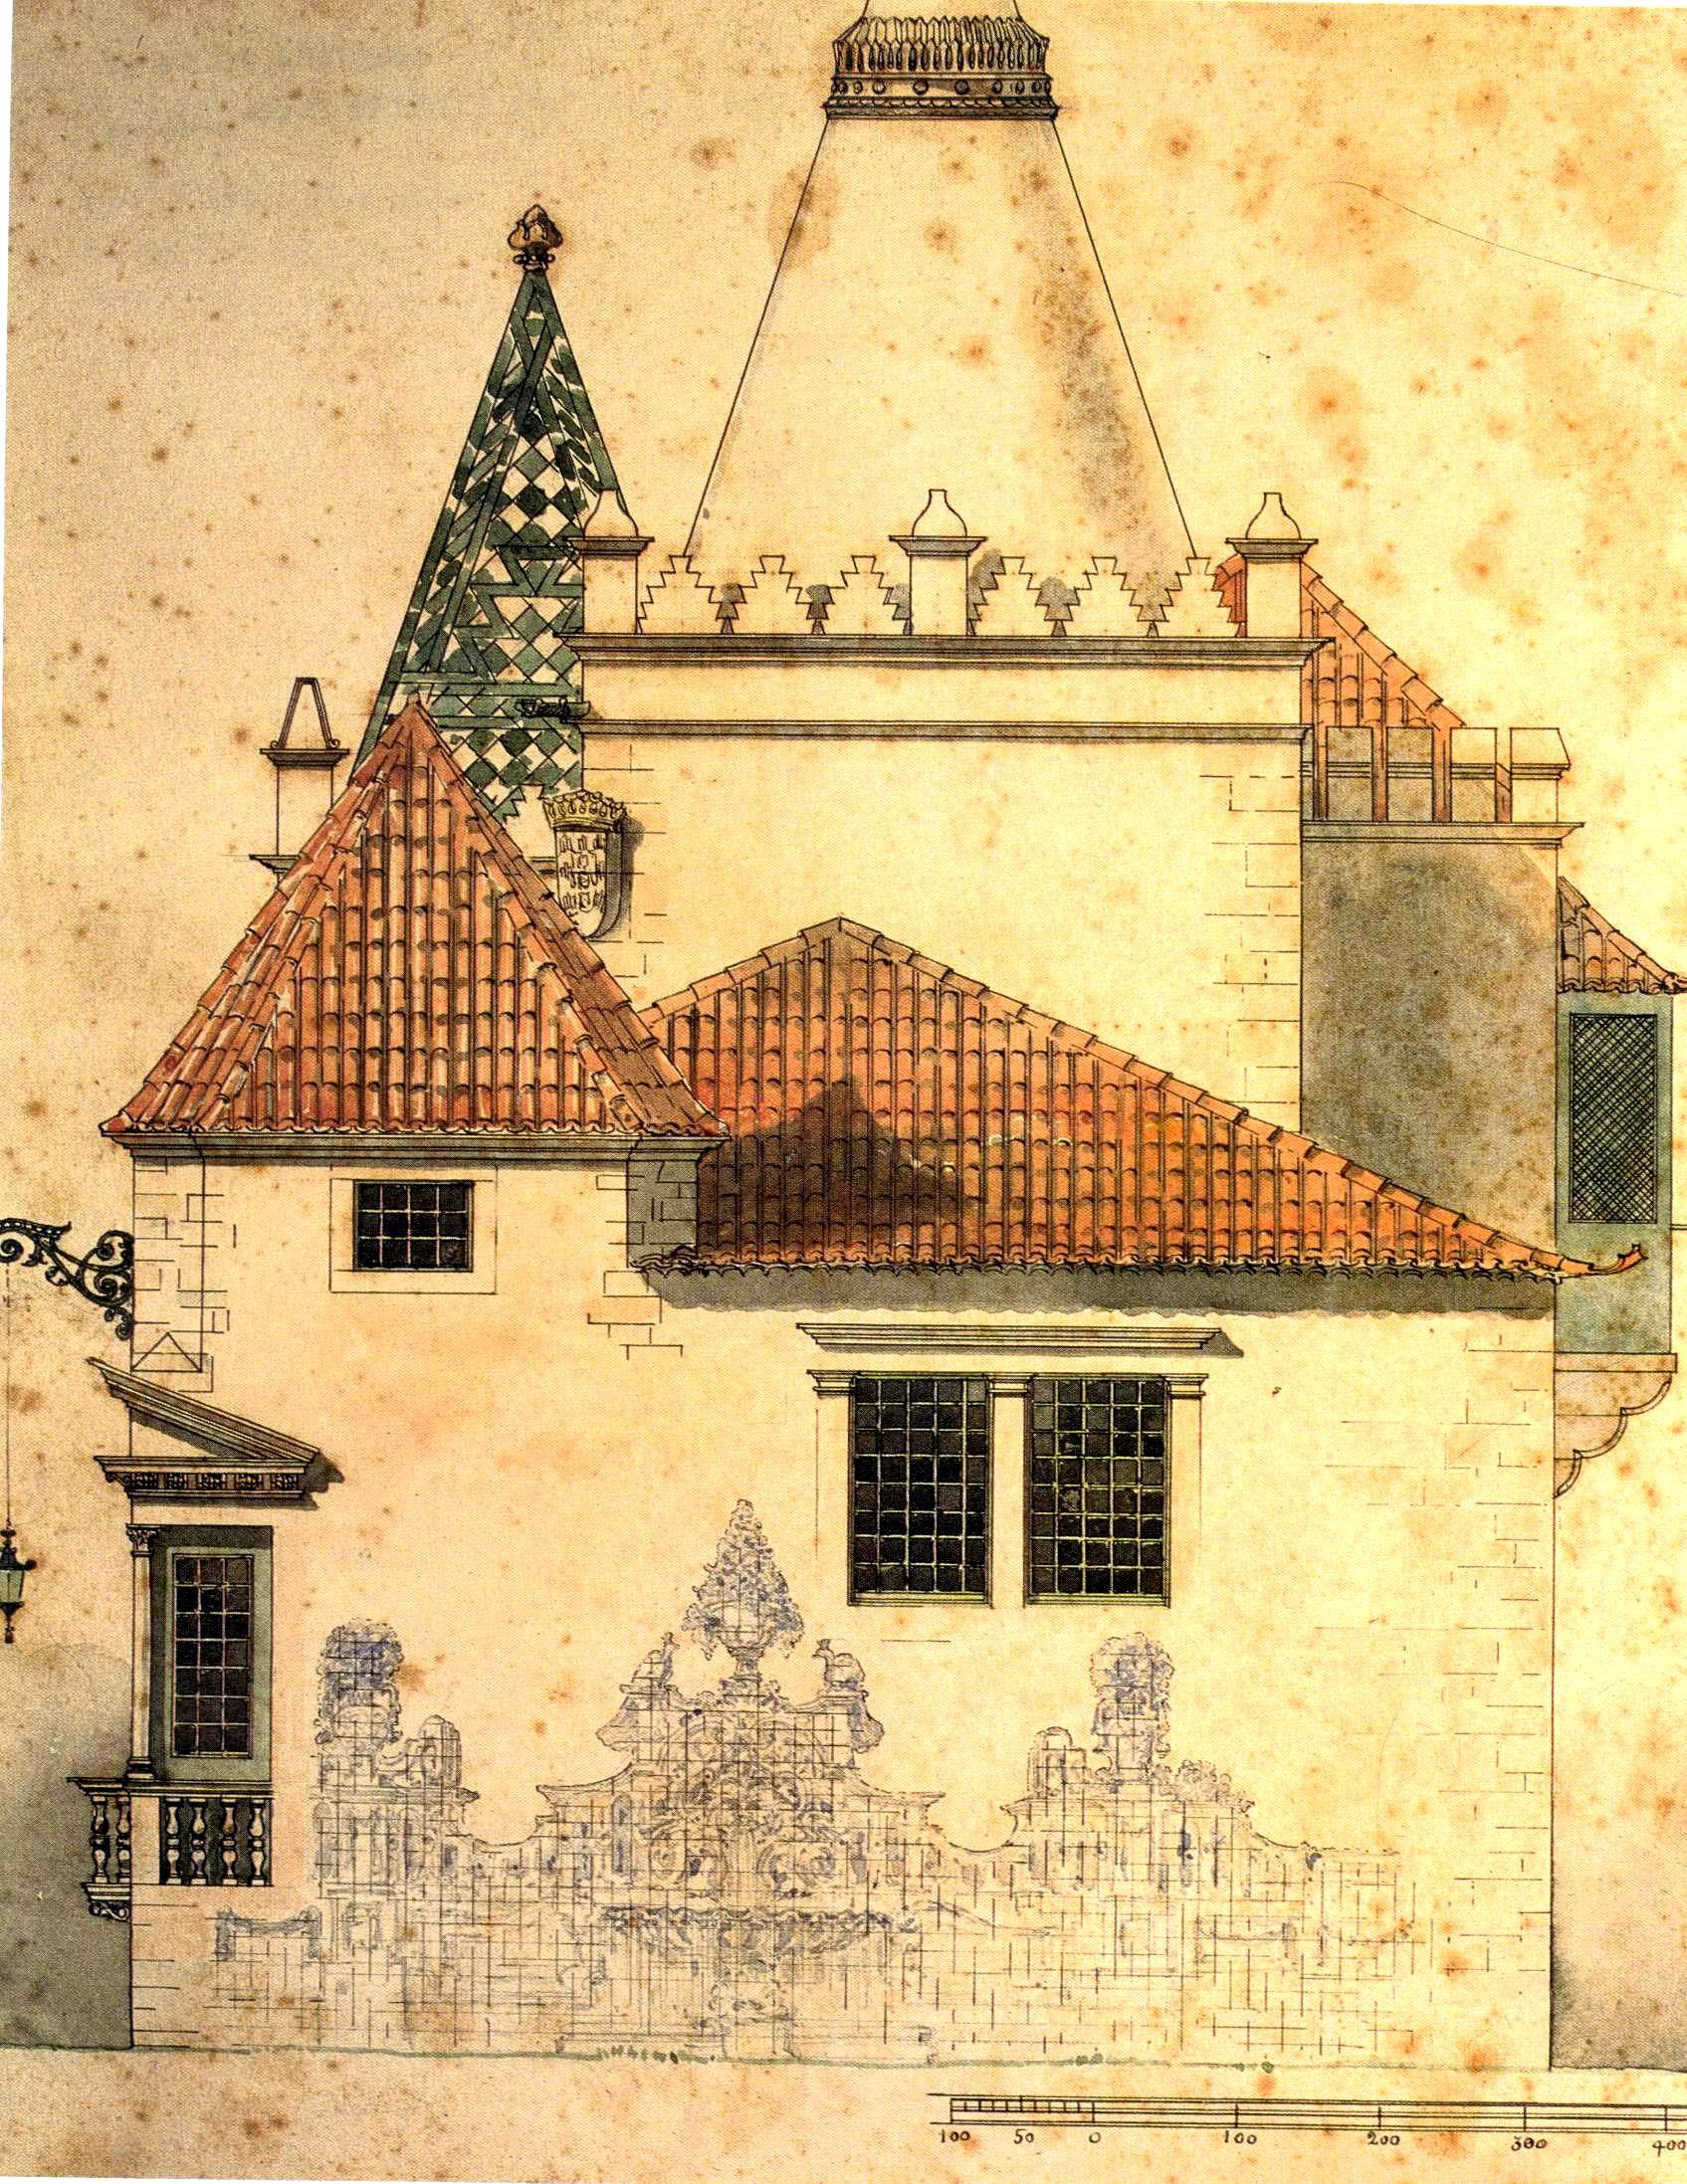 Pormenor do Pavilhão português -  Projecto de Ra